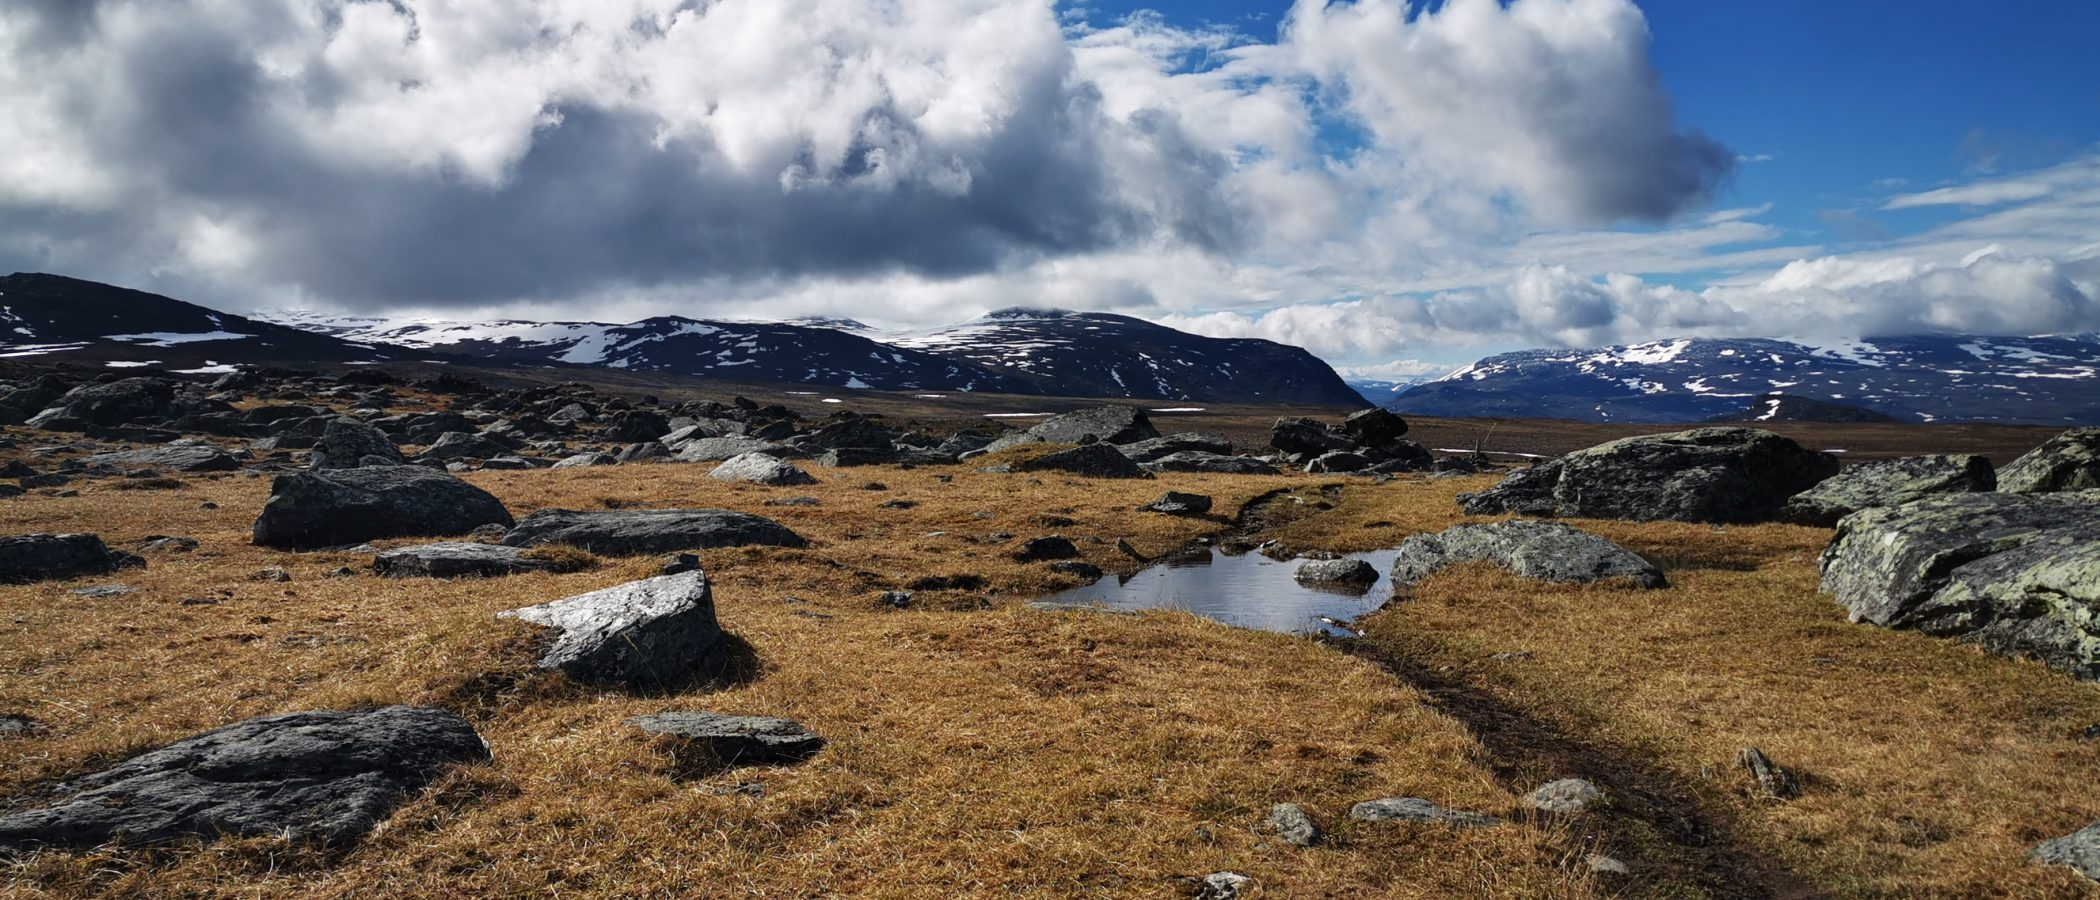 Kungsleden, Königspfad, Lappland, Start 150 Km nördlich des Polarkreises. 1. bis 7. Tag